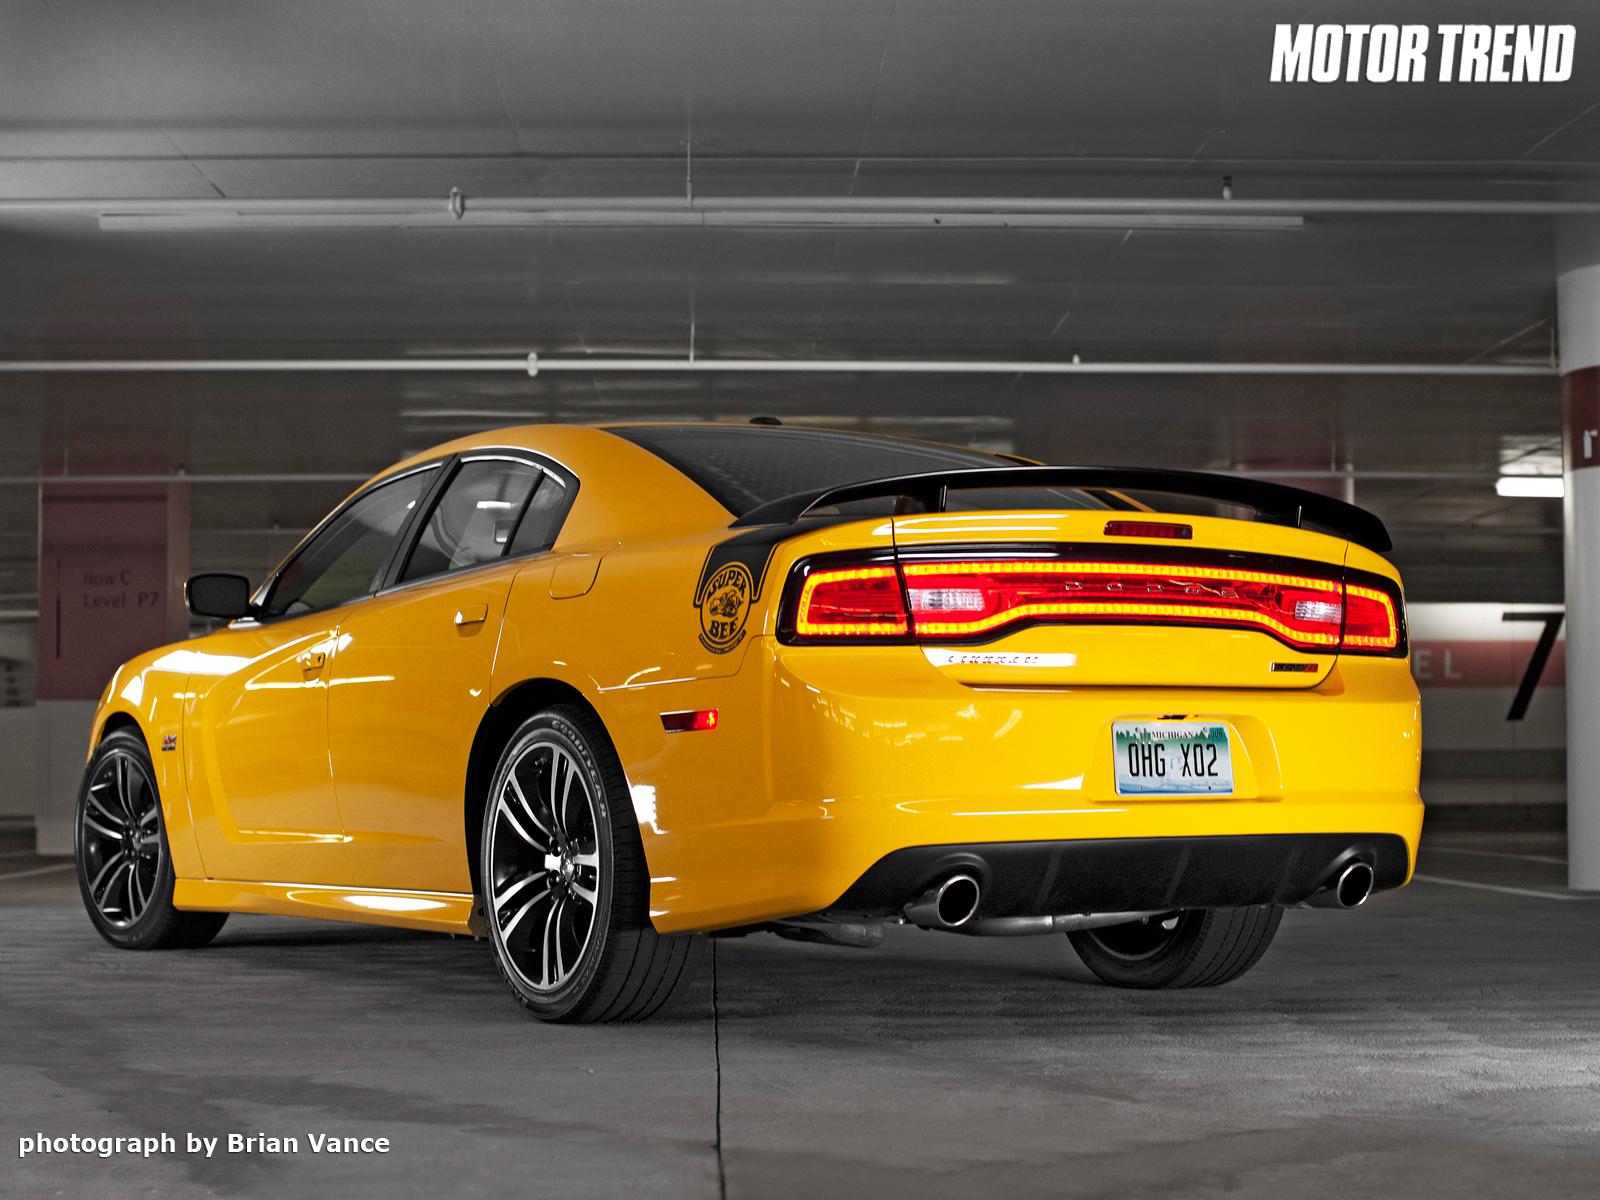 Dodge Charger SRT8 Super Bee – Dodge Charger SRT8 Super Bee HTML